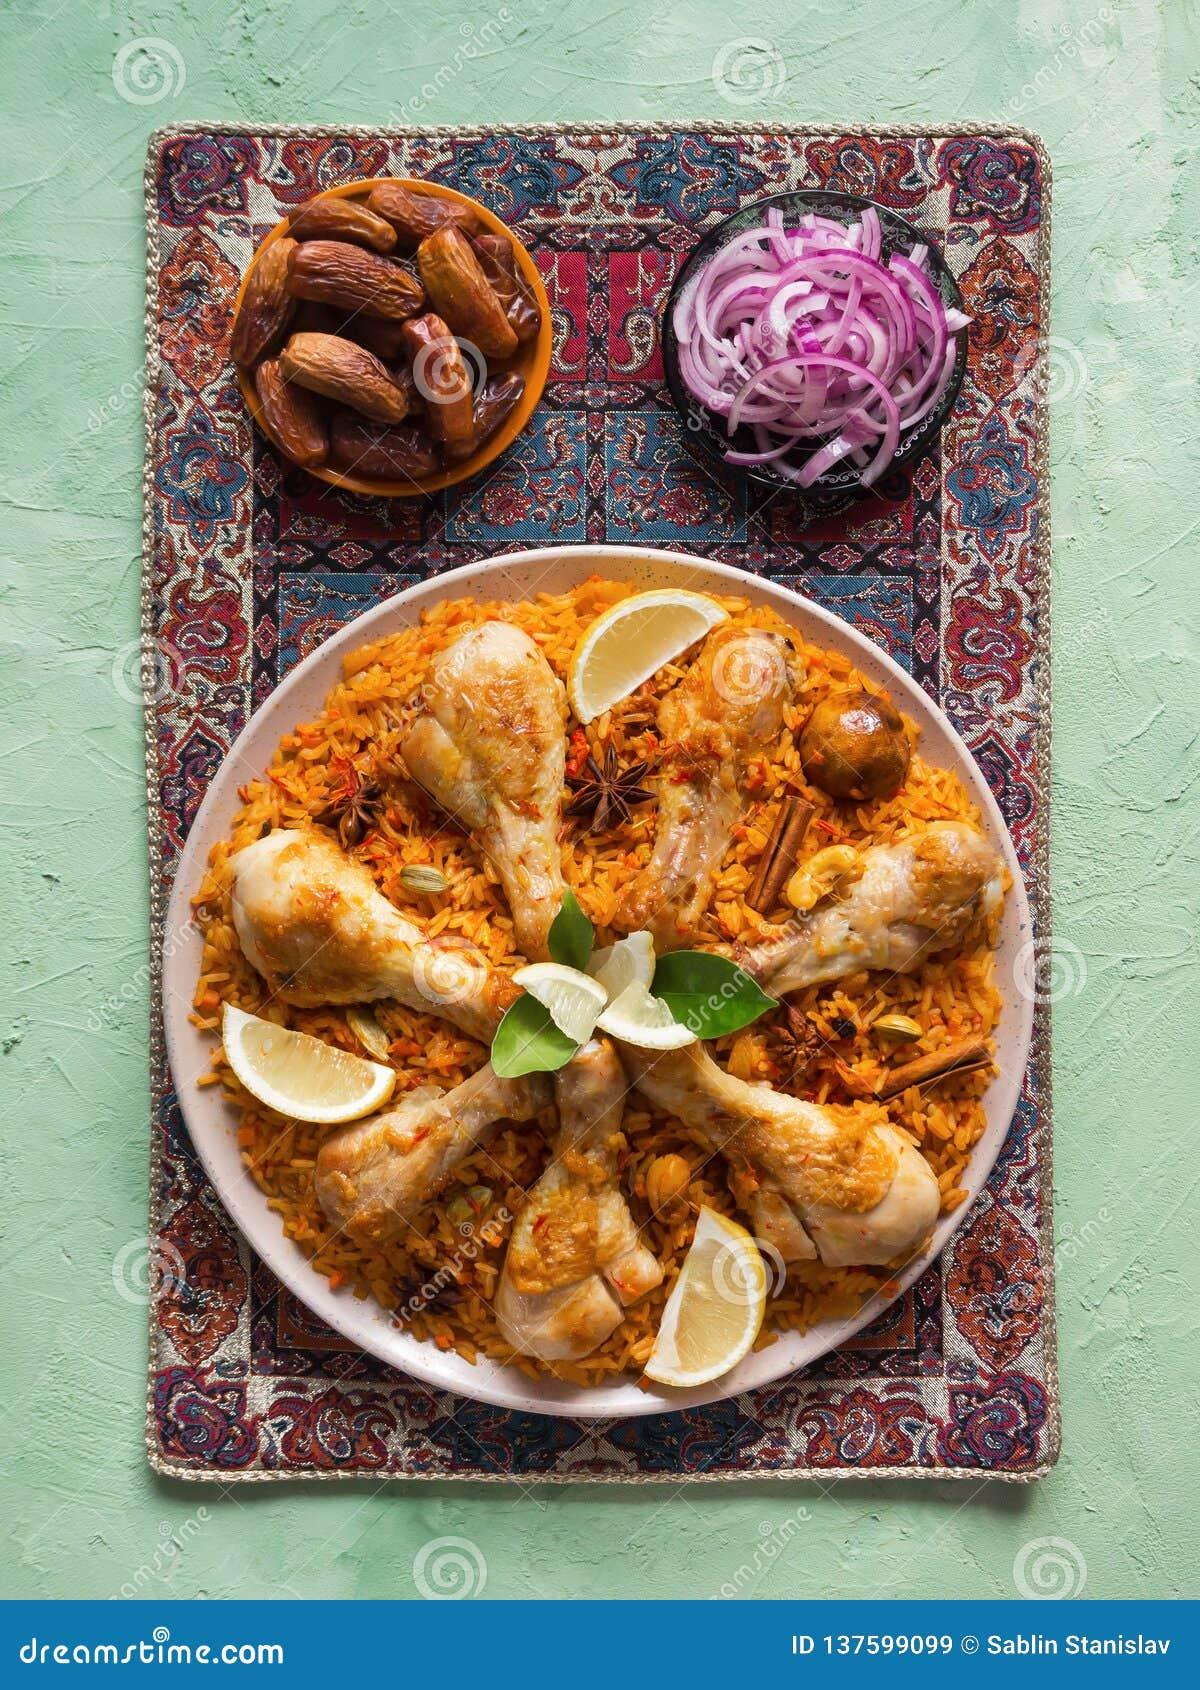 Läcker kryddig höna Biryani i den vita bunken på svart indisk eller pakistansk mat för bakgrund,